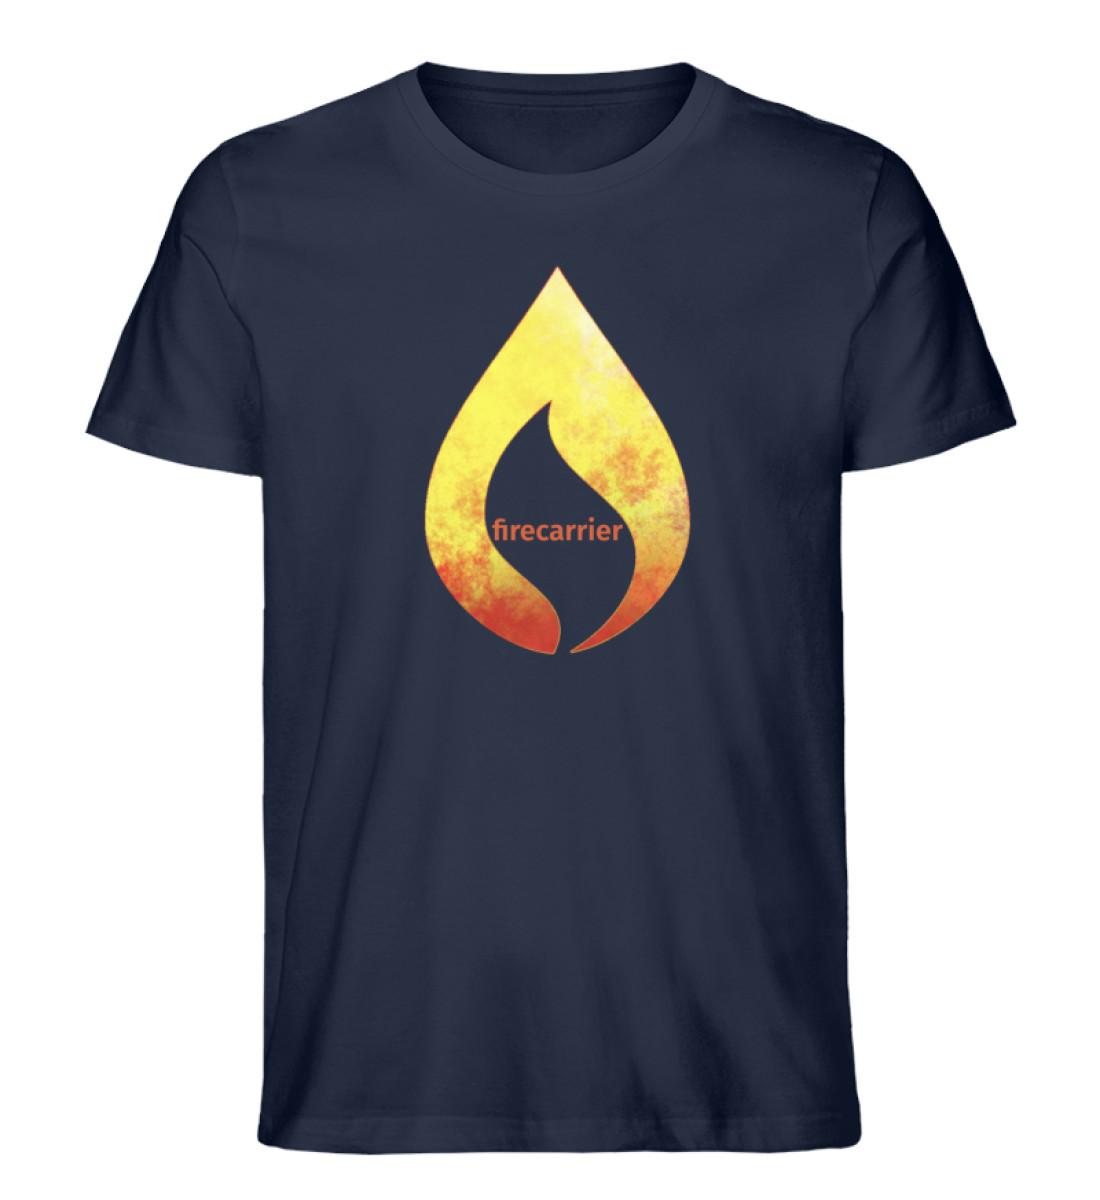 hot fire - Herren Premium Organic Shirt-6959